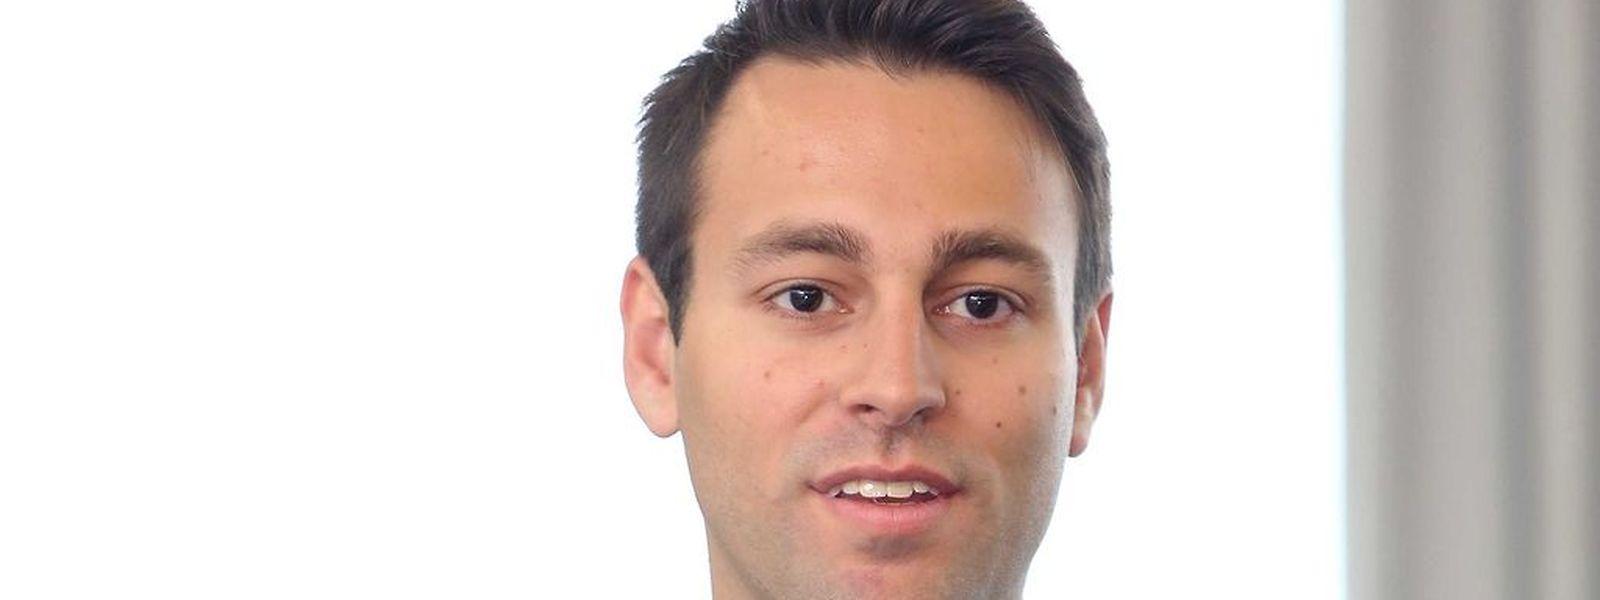 Patrick Rahme est le premier Global Shaper pour le Luxembourg CIty hub